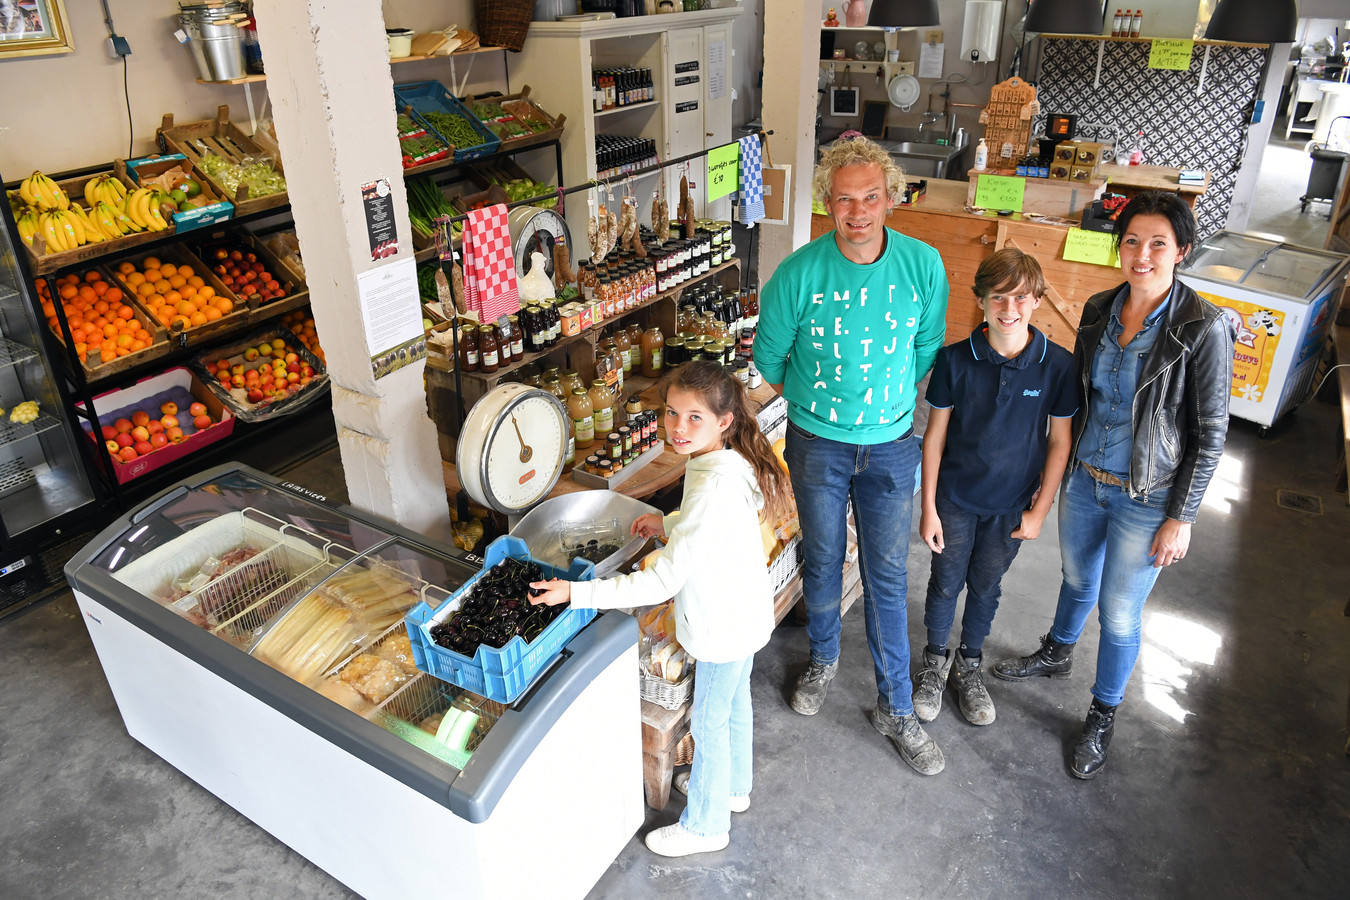 STAMPERSGAT  Jan Stads / Pix4Profs Voor de rubriek Van West-Brabantse bodem, bij familie Claassen, Boerderijwinkel Claassen. Gastelsedijk west 37. vlnr Isabella, Arno, Alida en Thomas in hun winkel.